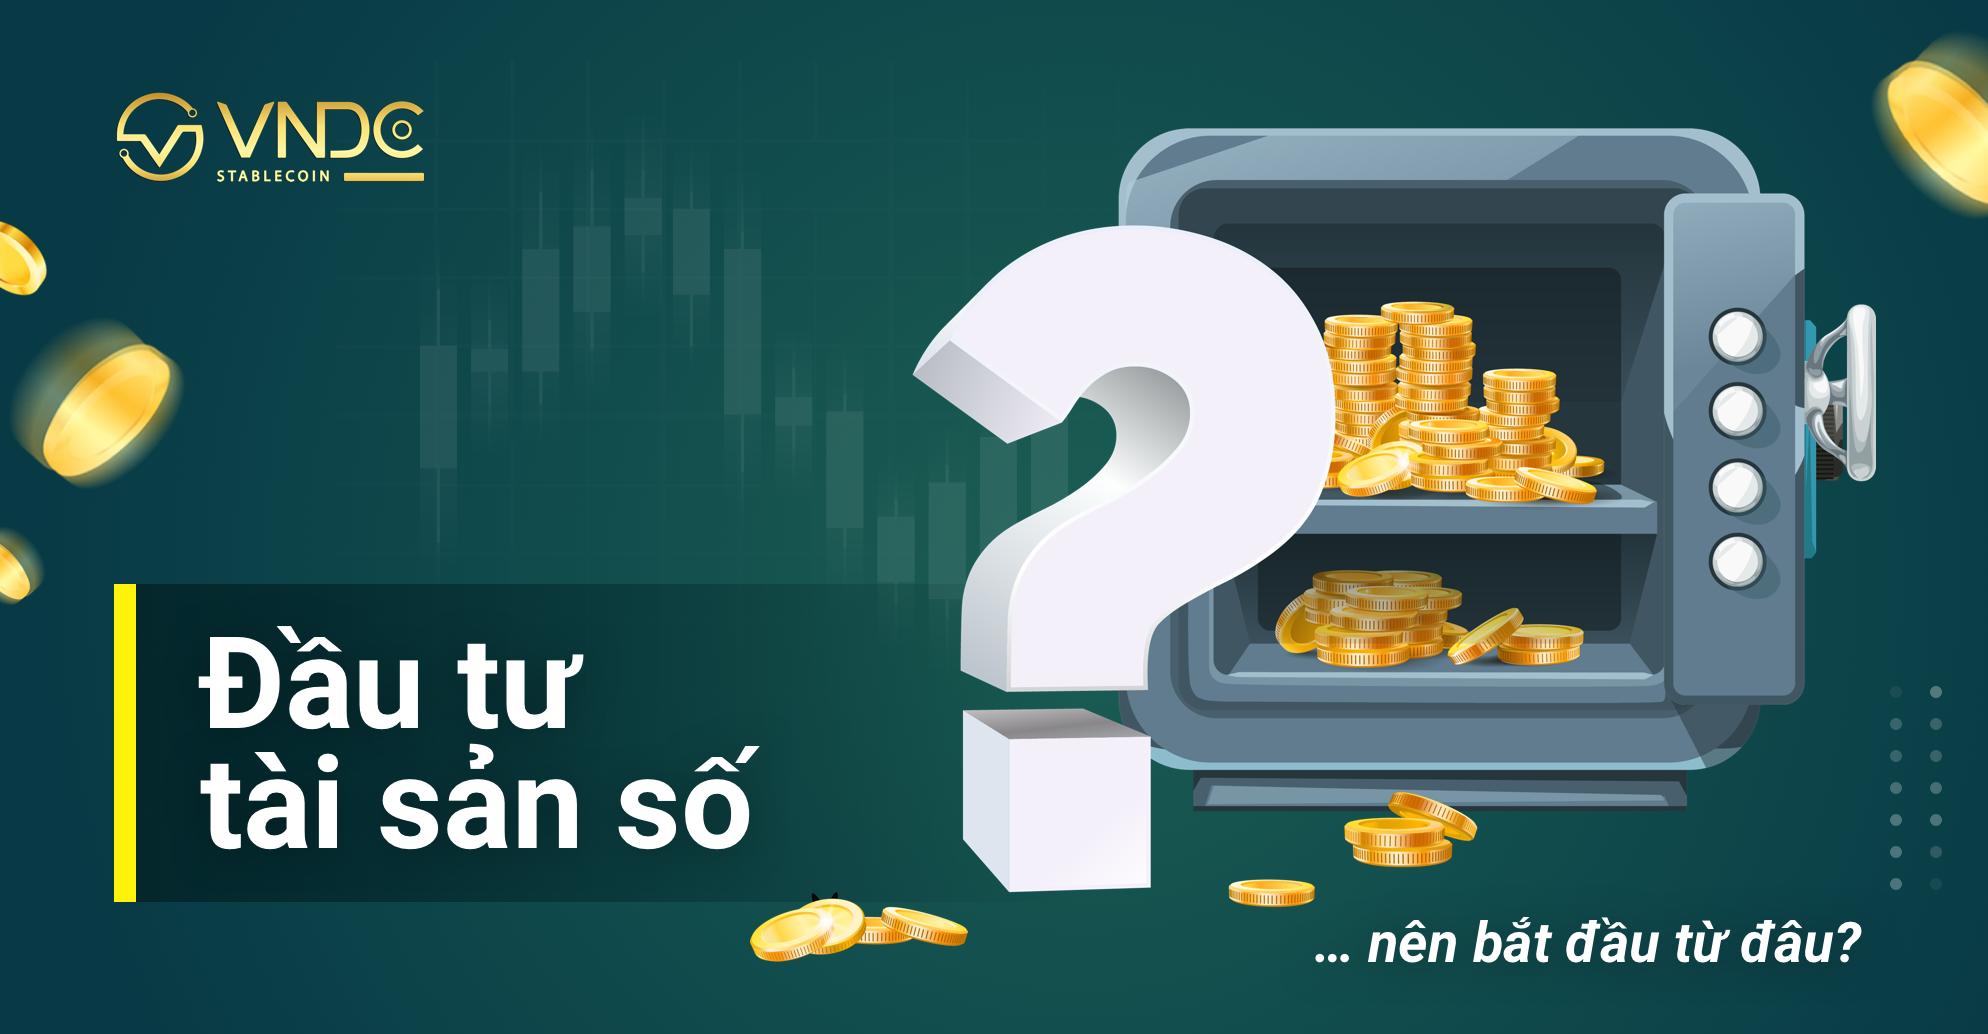 Đầu tư tài sản số nên bắt đầu từ đâu?